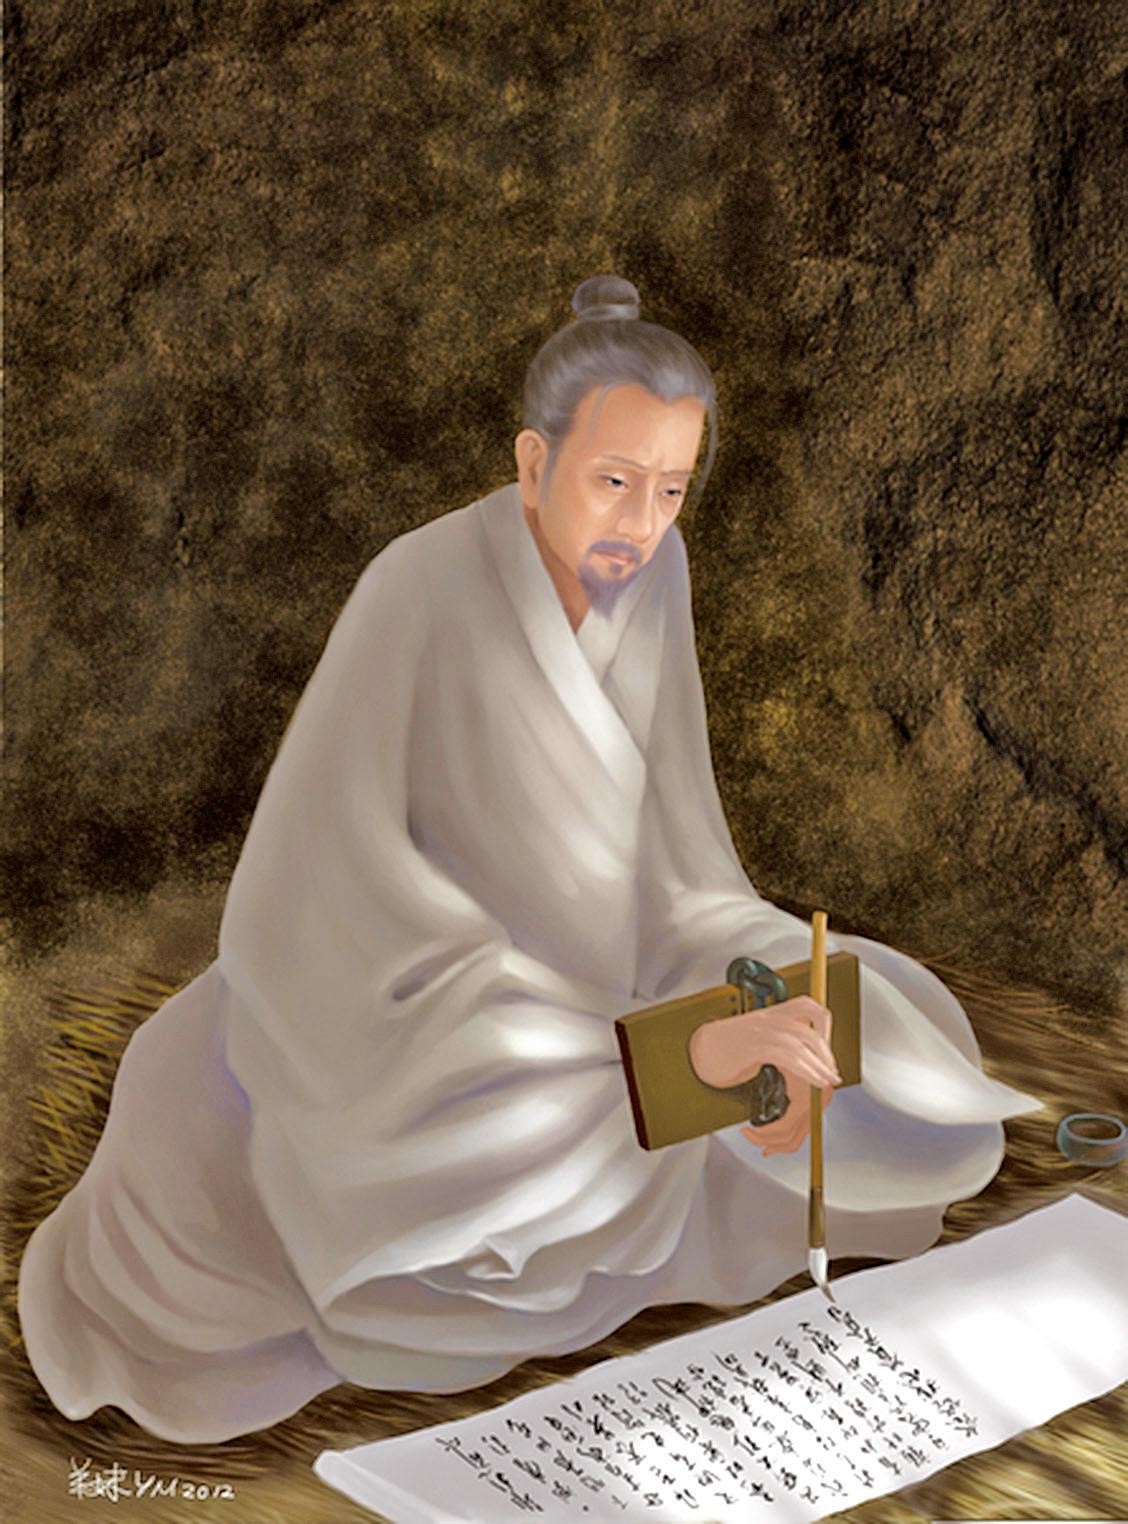 南宋將領文天祥,在元人的濕寒監牢裏,寫下歌以詠志的五言長詩《正氣歌》(羊妹/大紀元製圖)